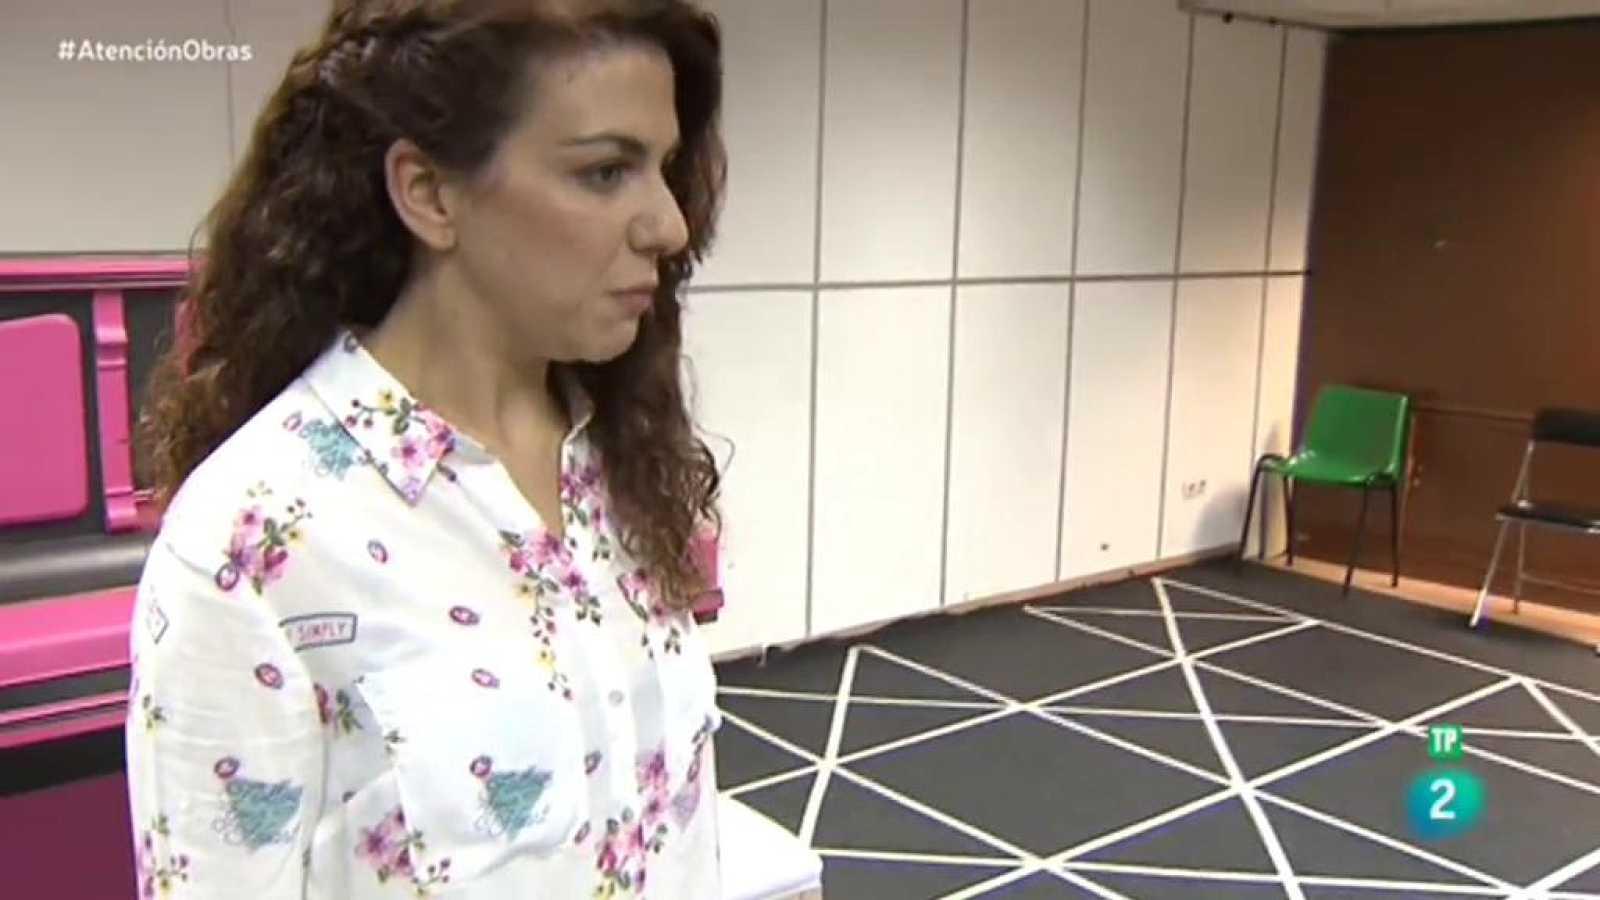 Atenci N Obras Ensayos De Casa De Mu Ecas Rtve Es -> Sala De Ensayo Tv Rosario